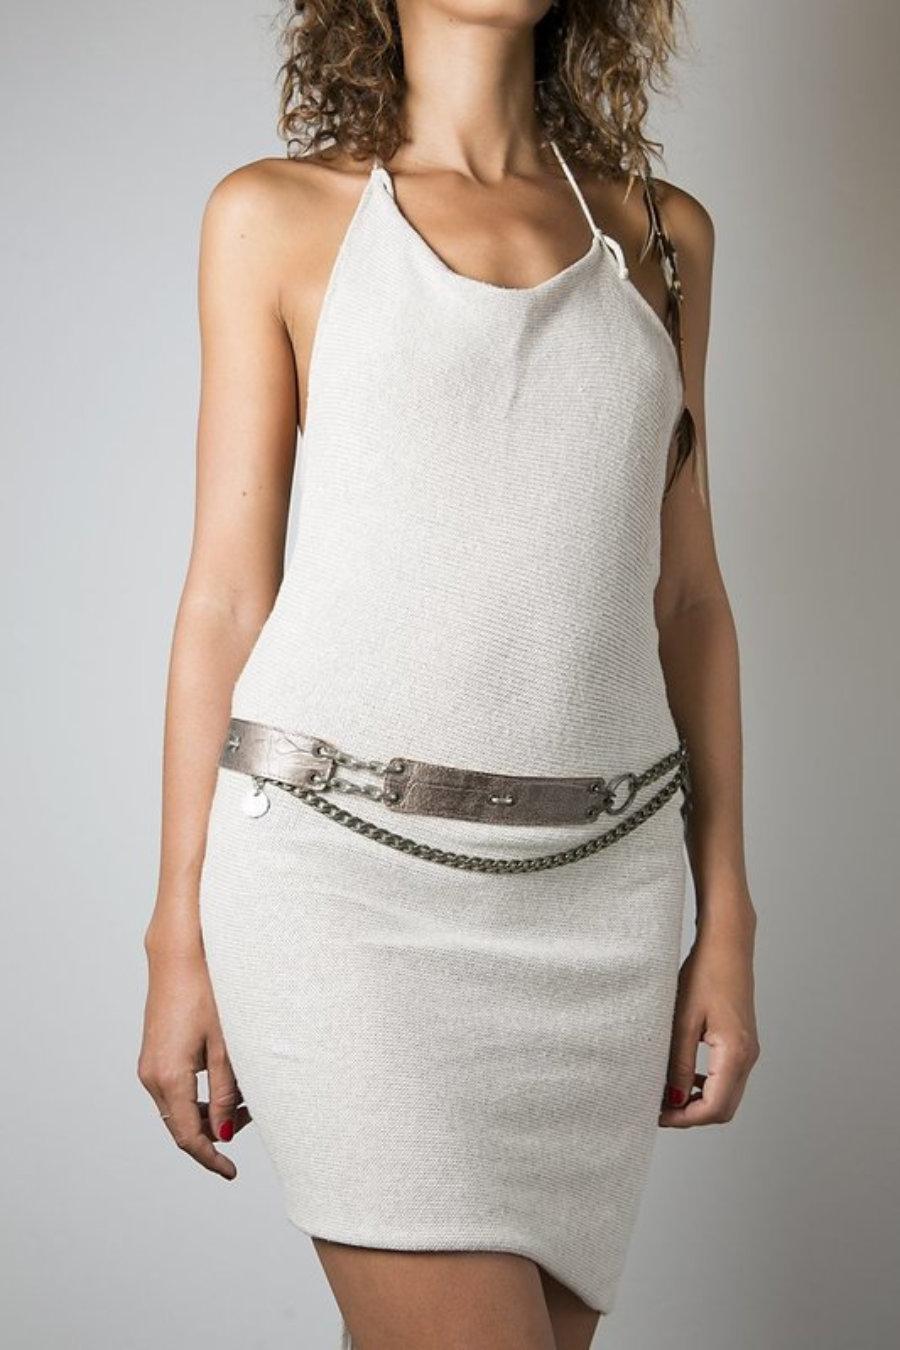 Cinturón reversible de cuero marrón y gris